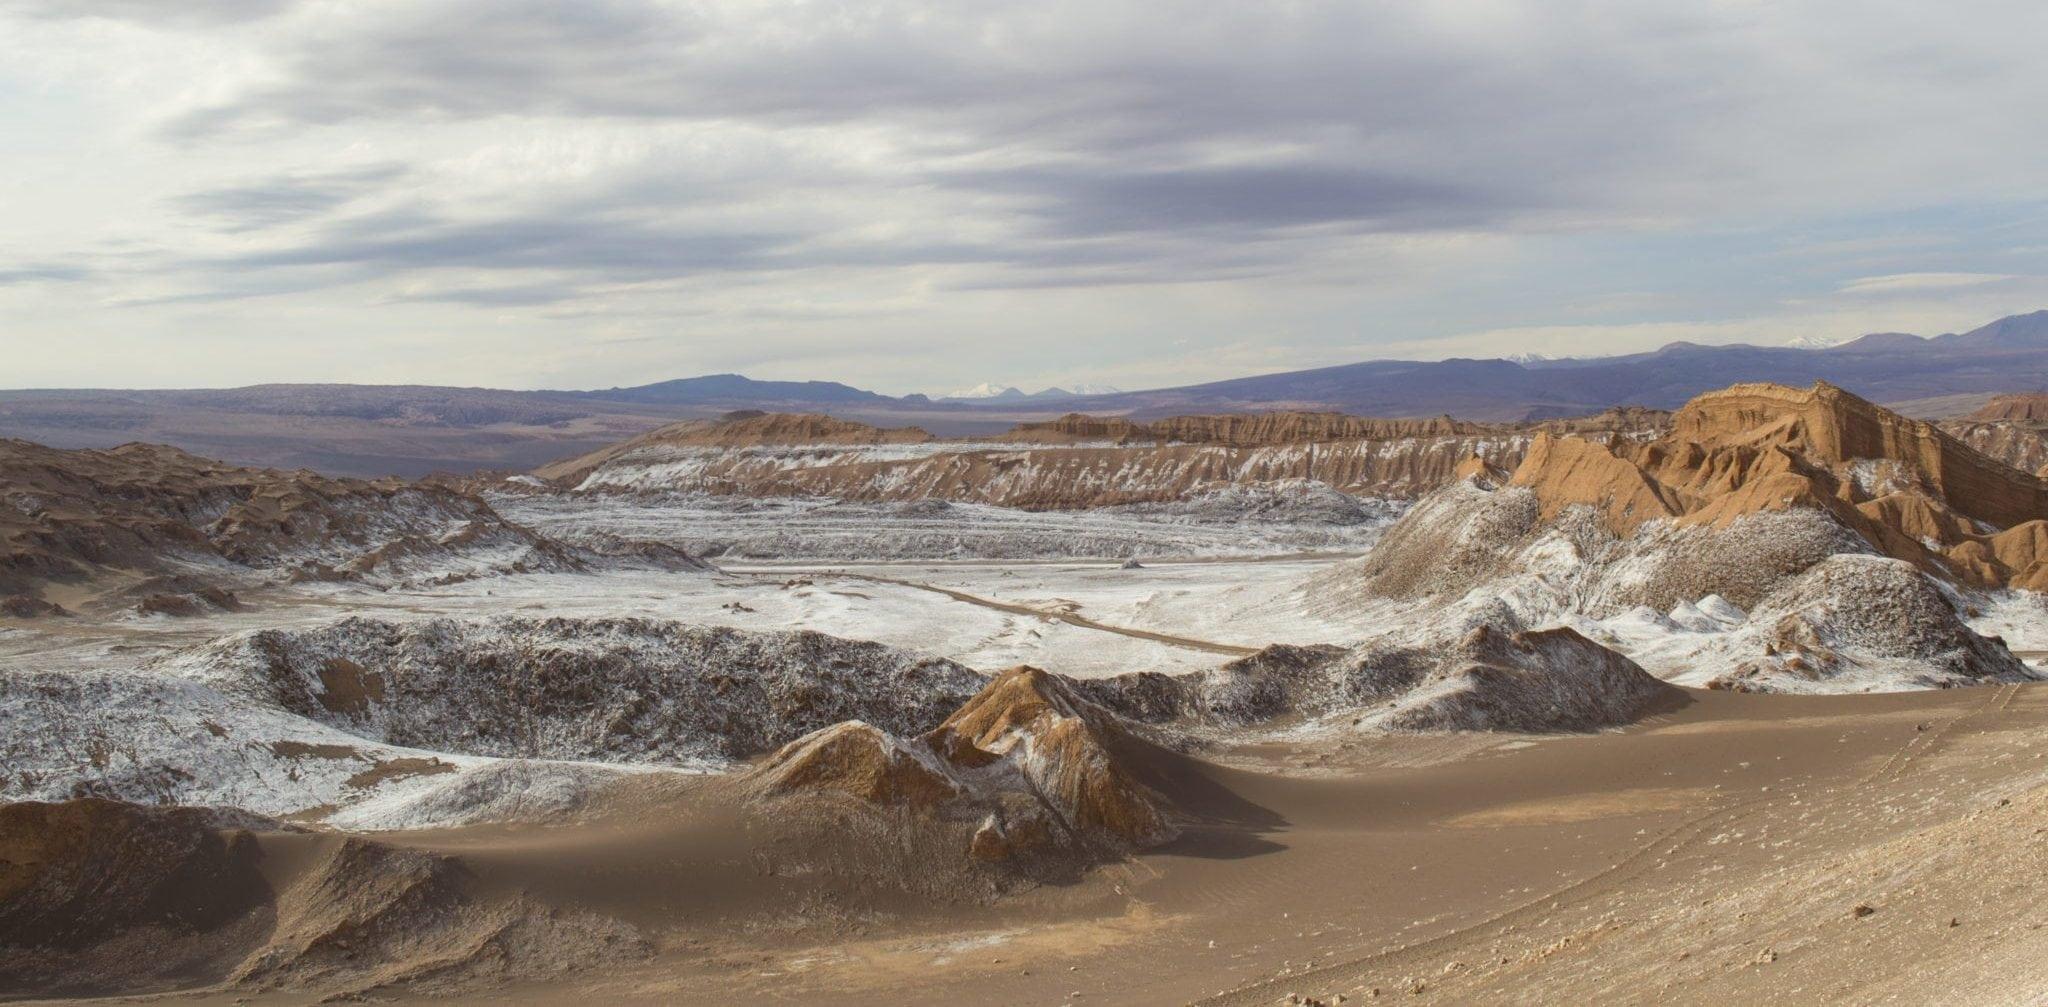 10 Reasons to visit the Atacama Desert in low season